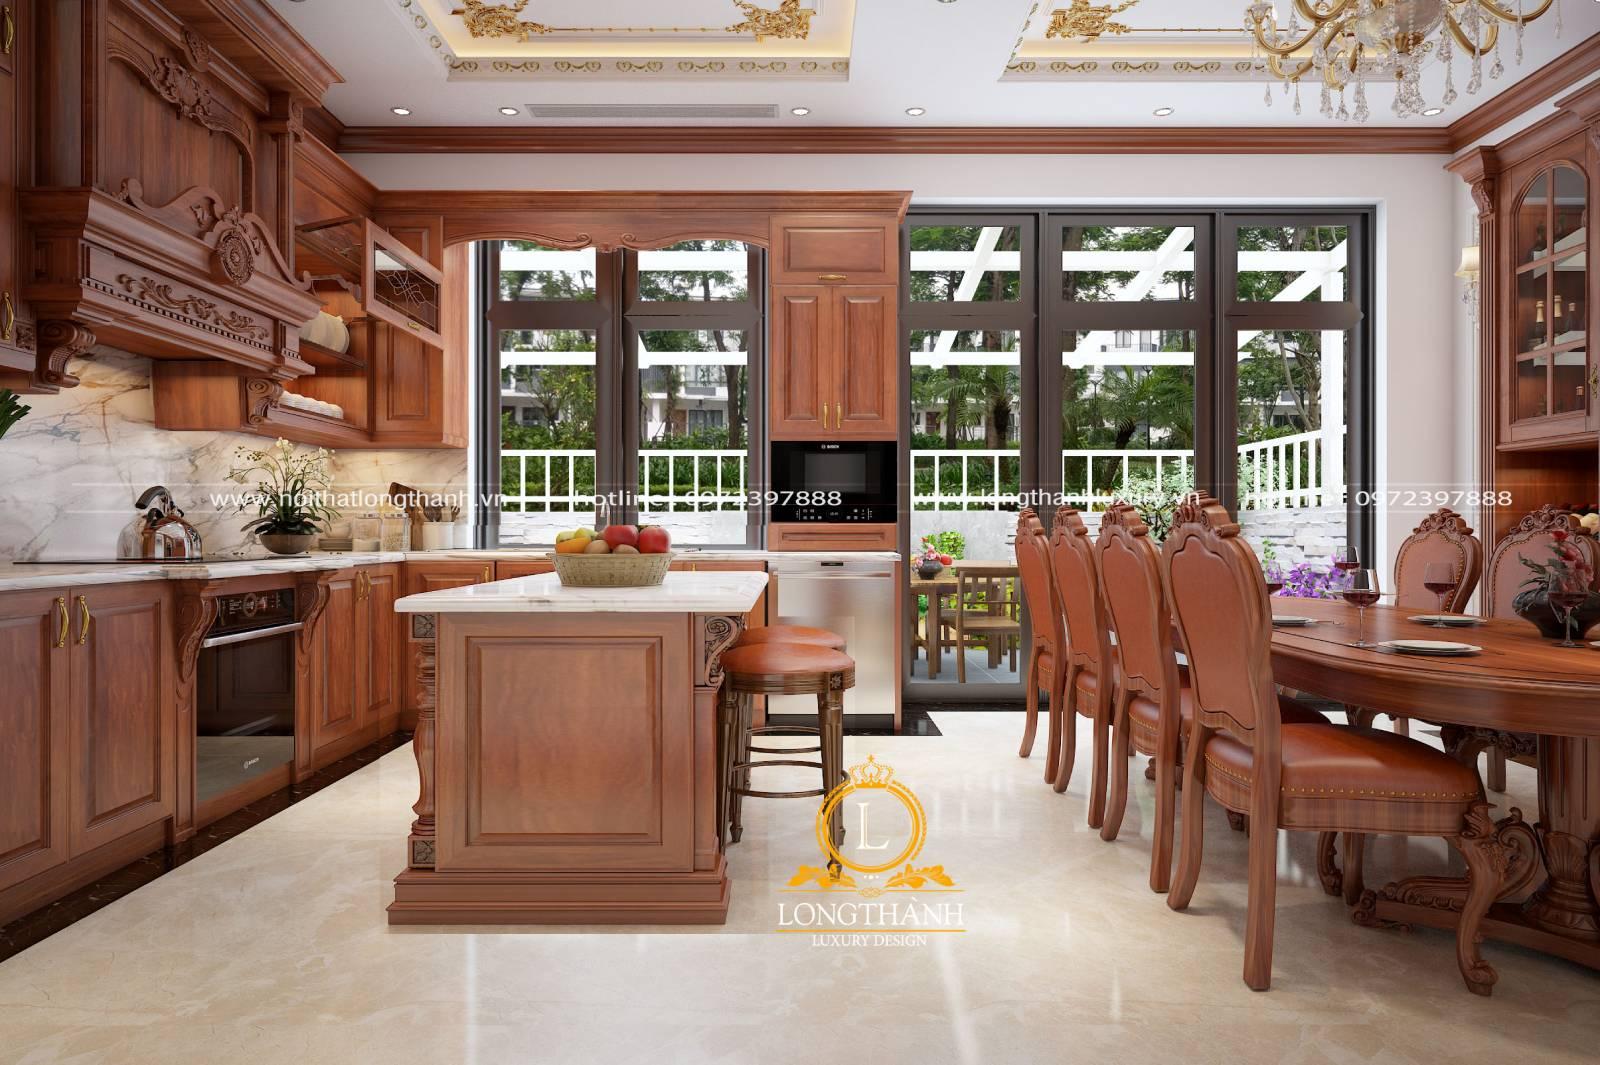 Tổng thể nội thất phòng bếp tiện lợi sang trọng với mẫu tủ bếp gỗ Gõ kết hợp bàn đảo